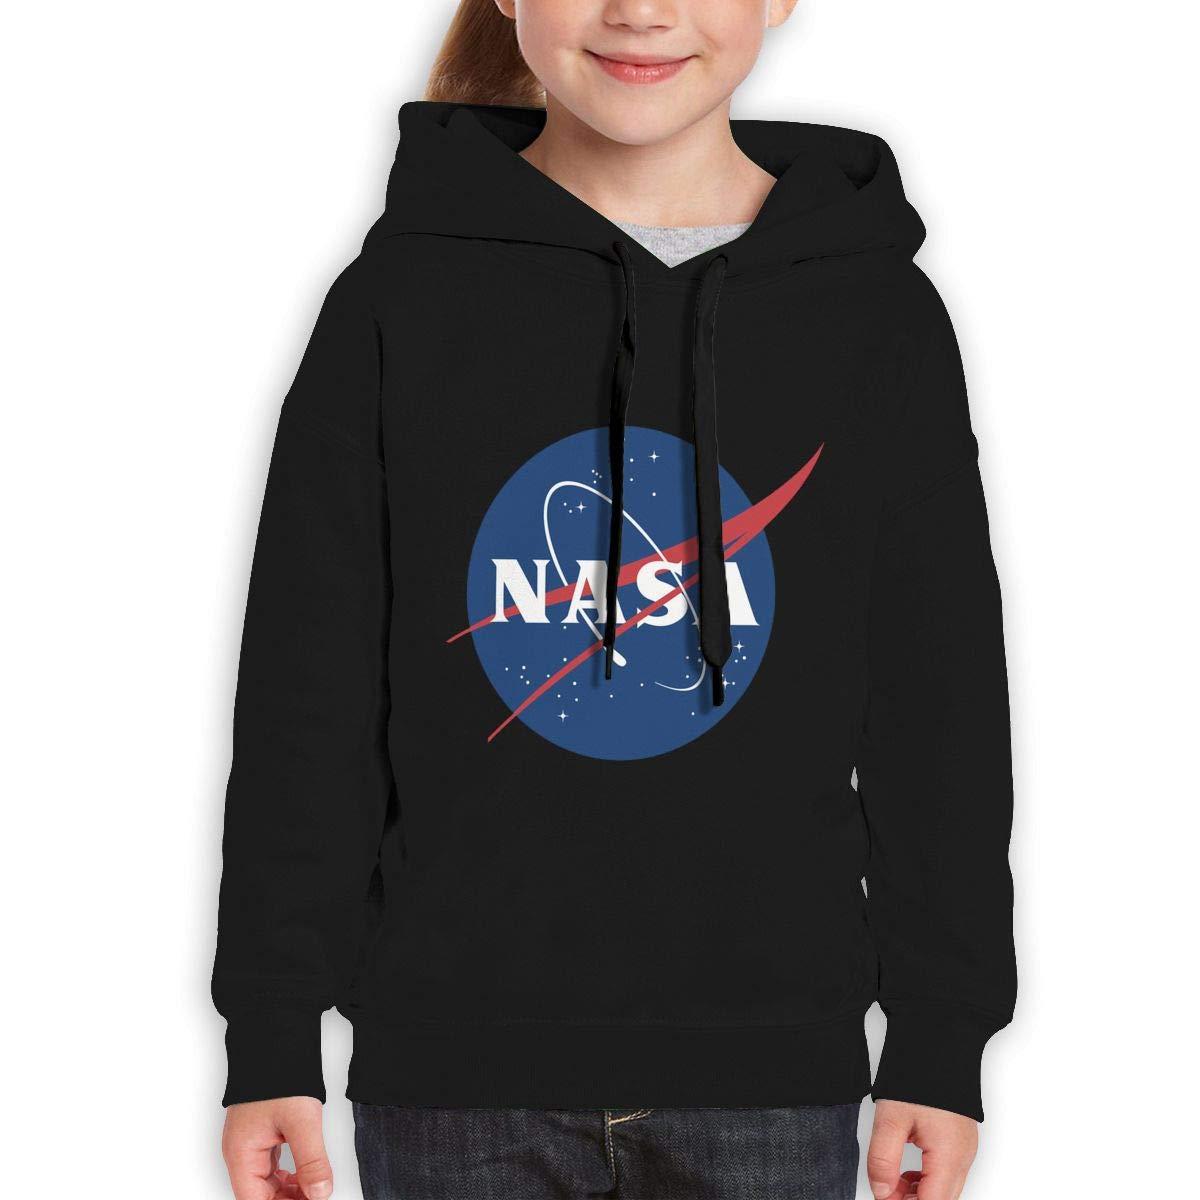 MUPTQWIU Teen Girls NASA Logo Leisure Climbing Black Hoody